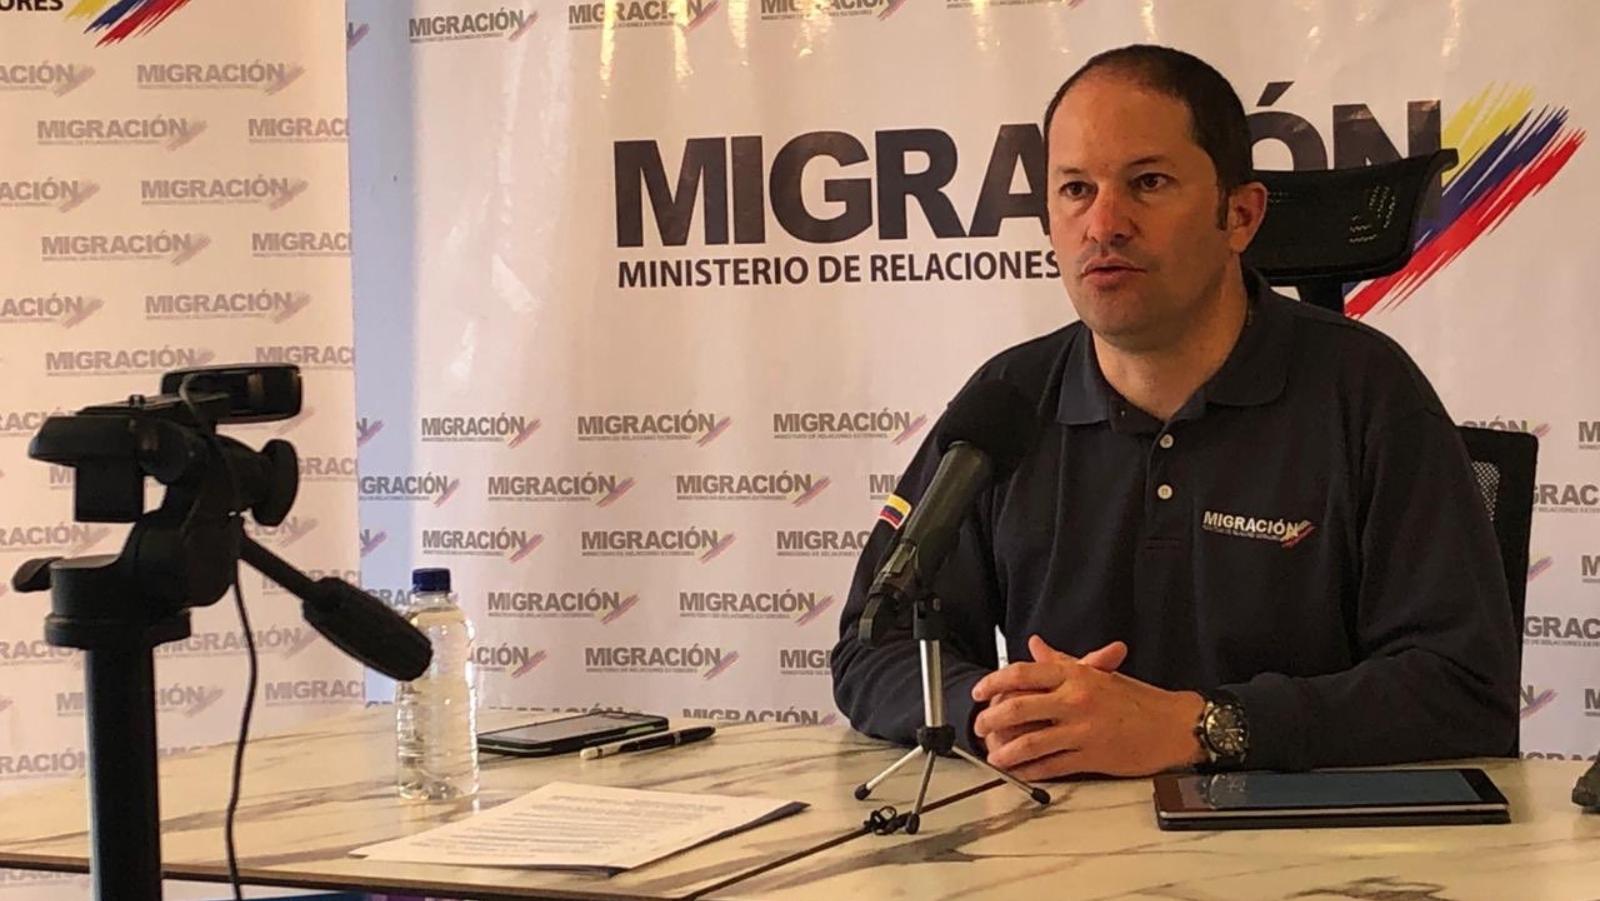 Colombia ha deportado a 334 venezolanos por incumplir normas durante la pandemia